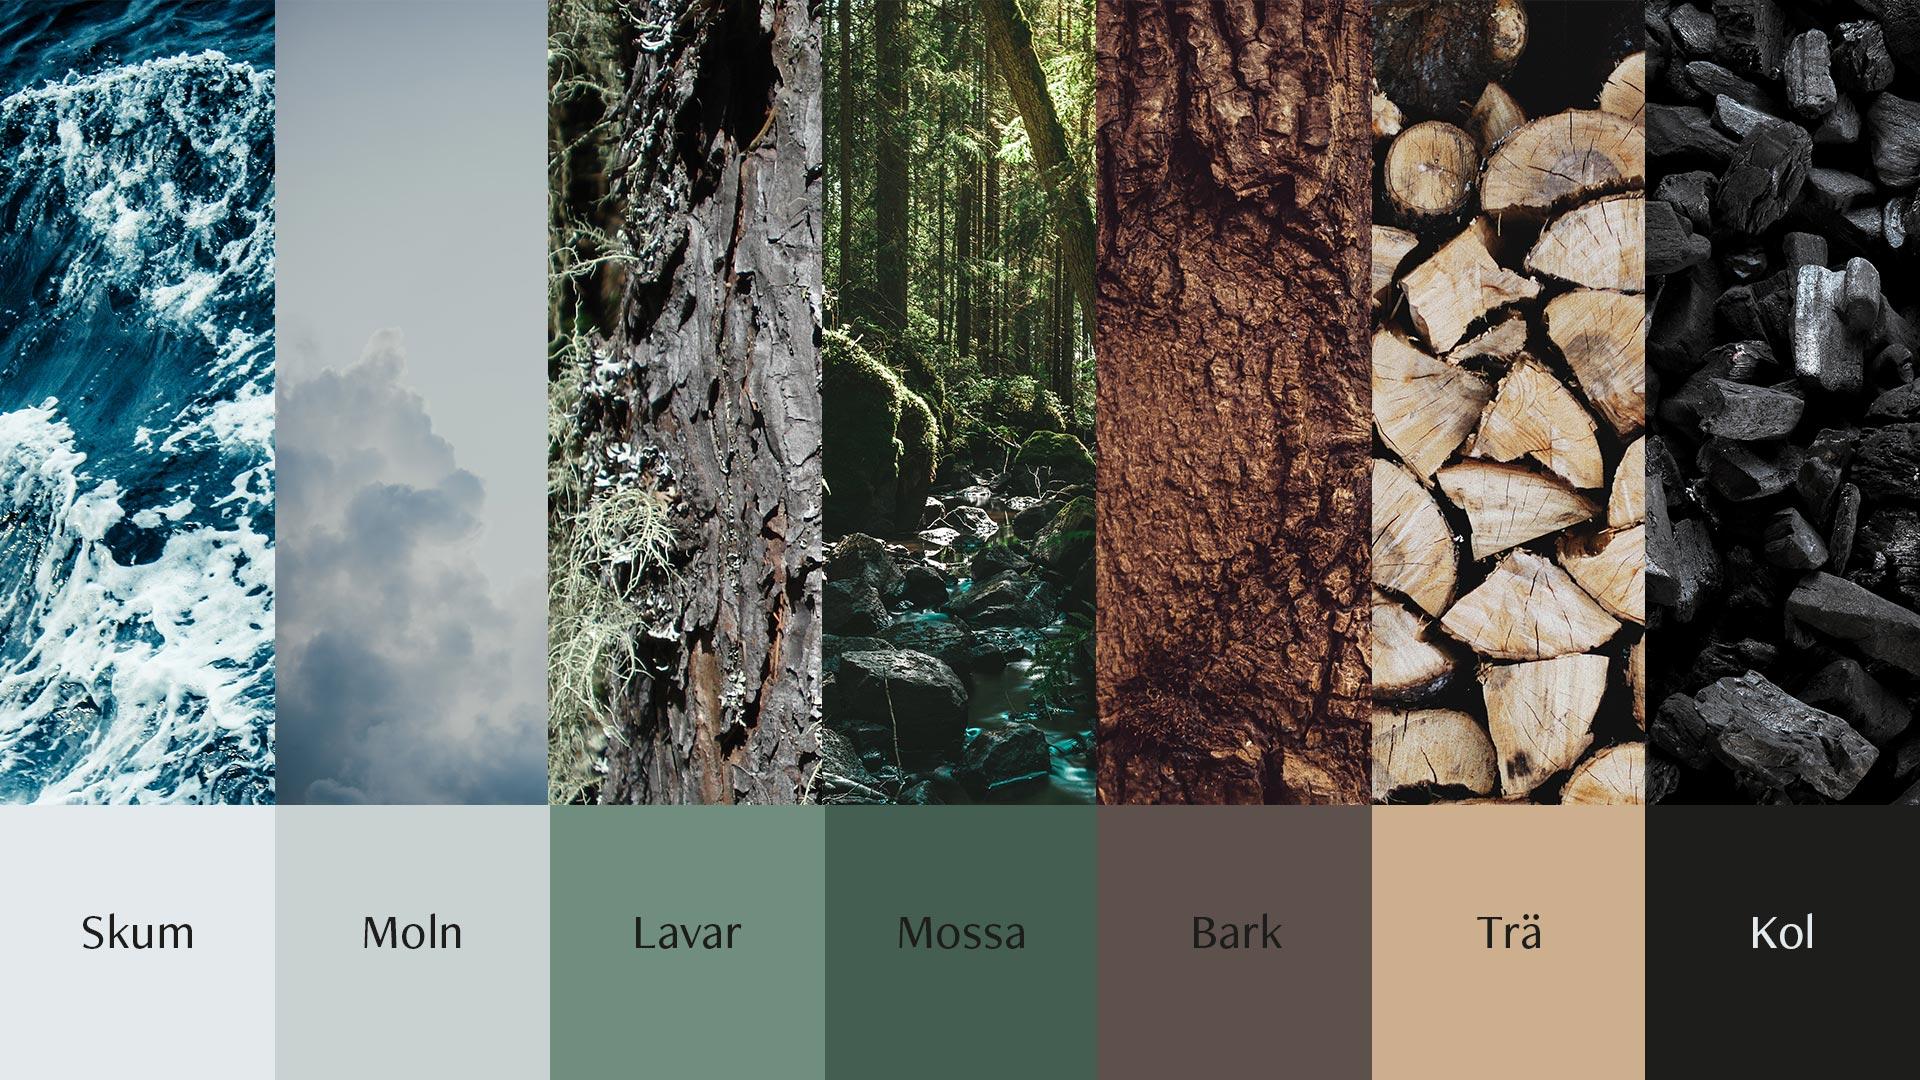 Vaunis profilfärger, som är inspirerade av naturen eftersom det speglar deras värderingar.